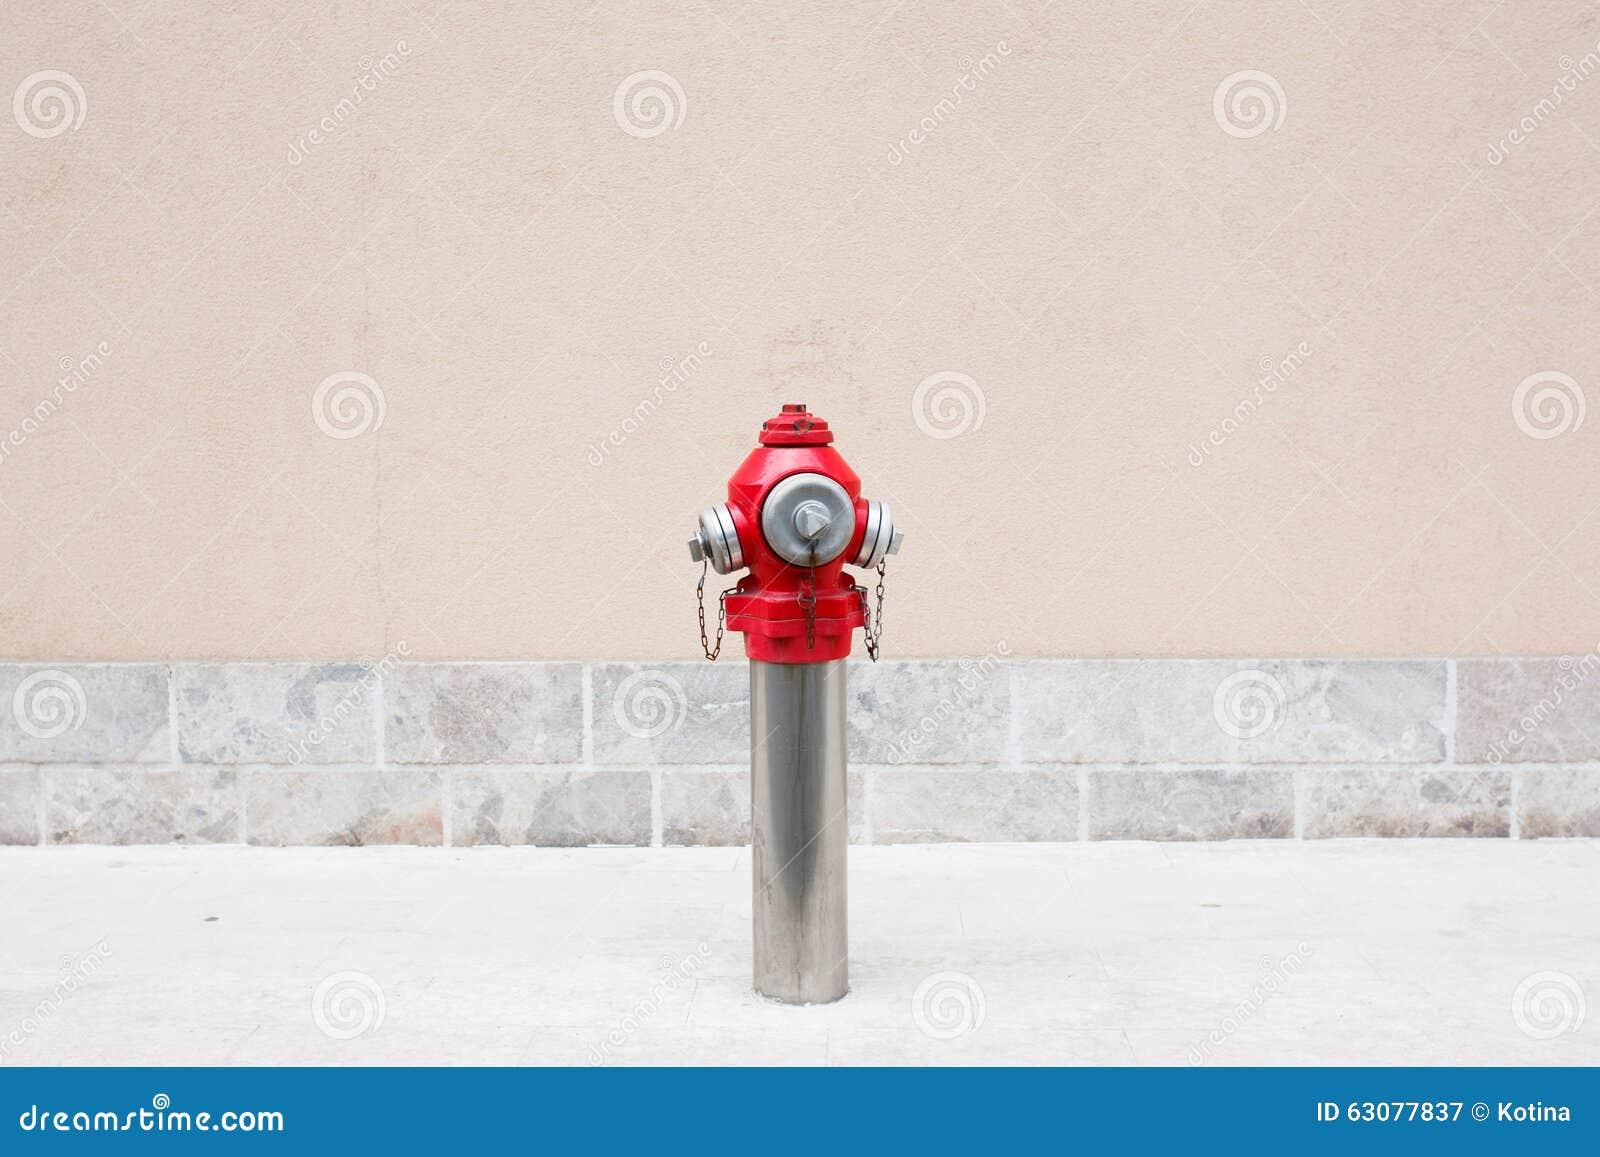 Download Un Plan Rapproché D'une Bouche D'incendie Rouge Extérieure Image stock - Image du protection, métal: 63077837